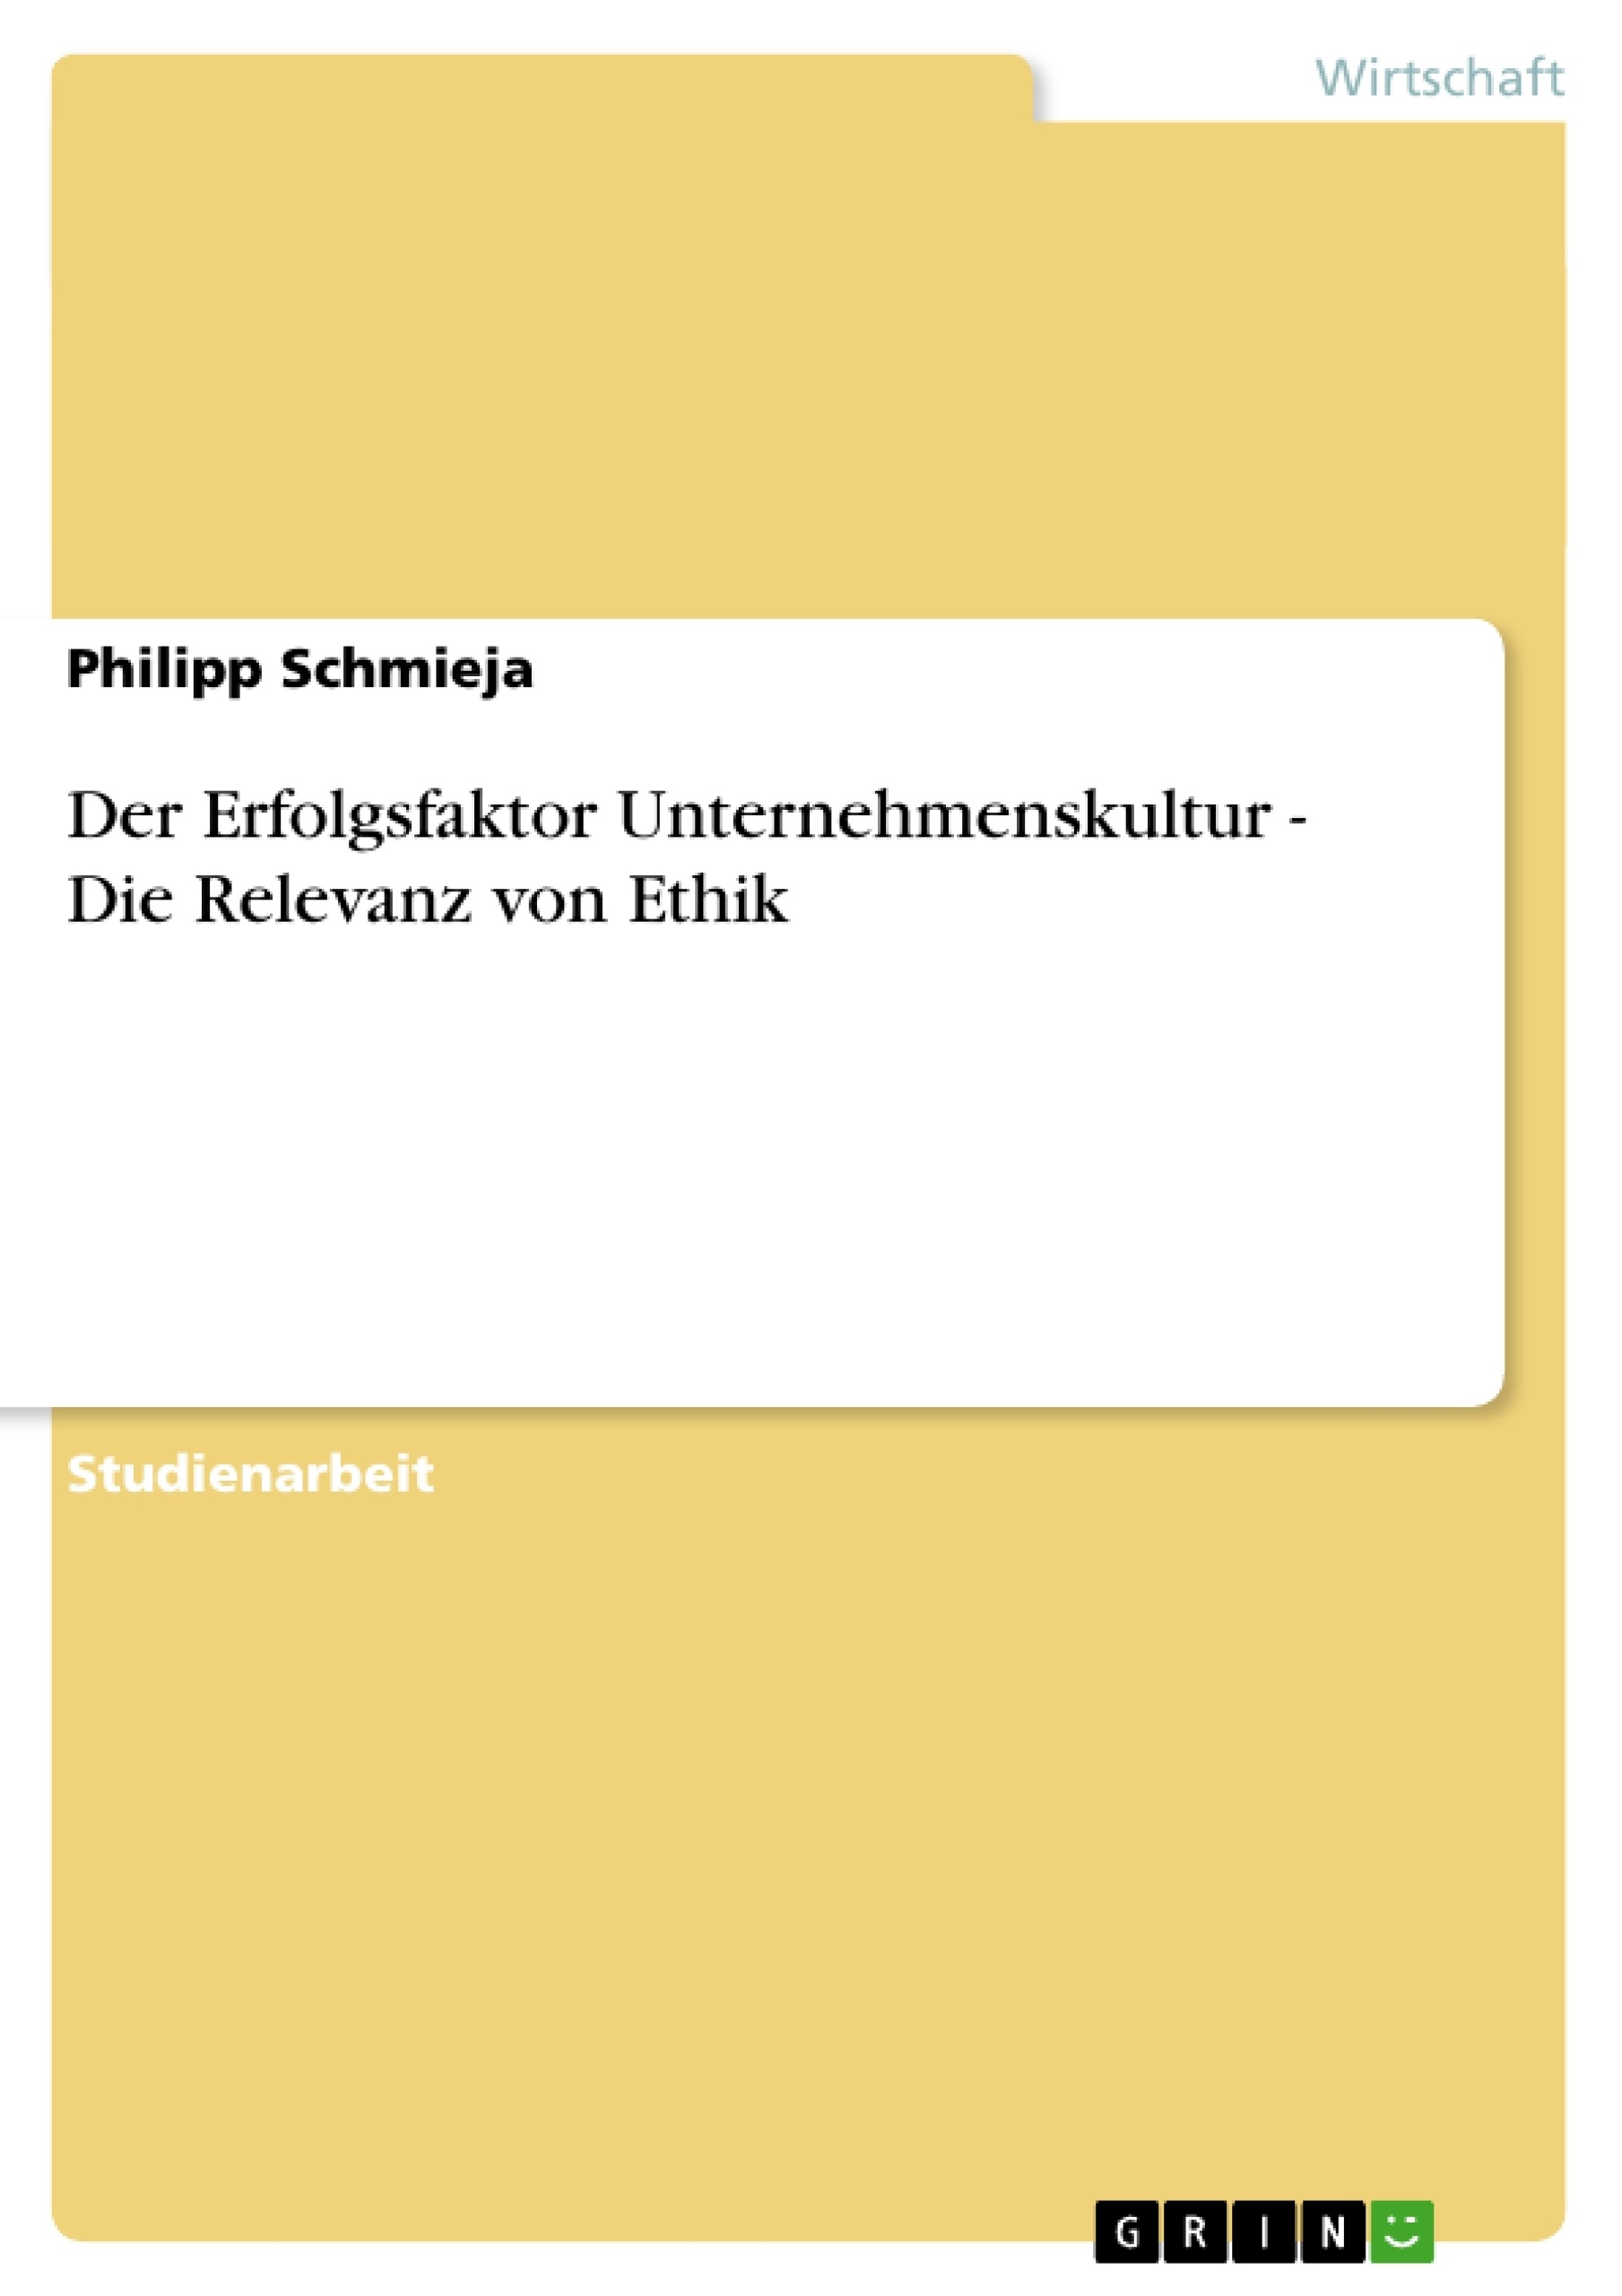 Titel: Der Erfolgsfaktor Unternehmenskultur - Die Relevanz von Ethik